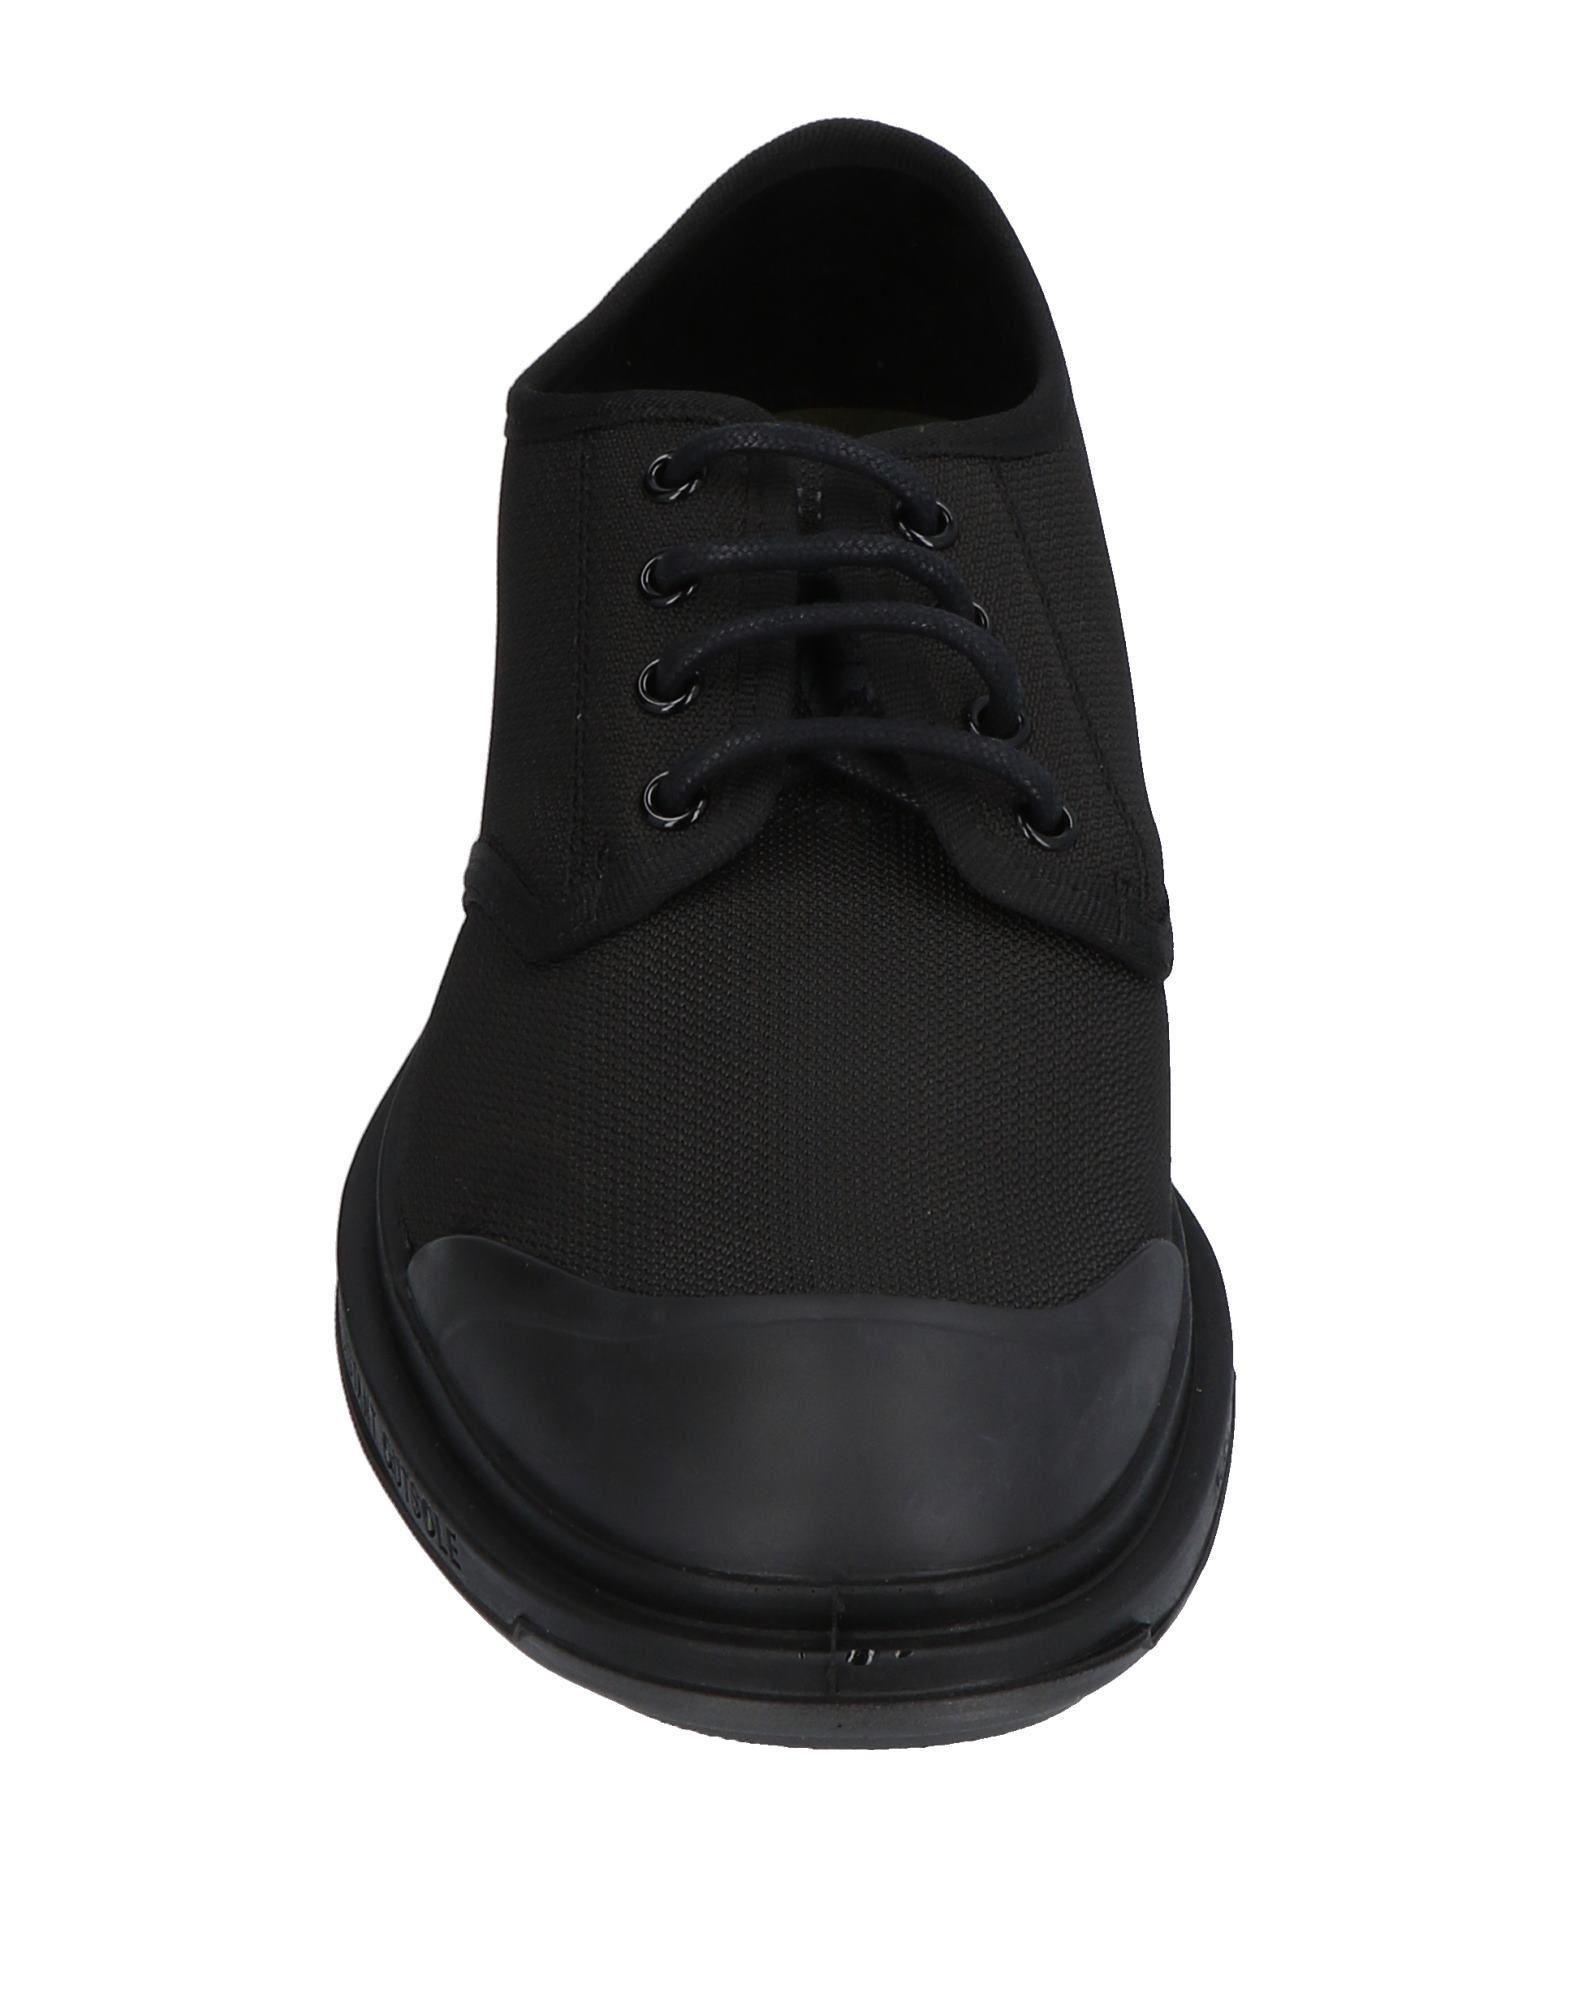 Rabatt echte Schuhe Pezzol   1951 Sneakers Herren  Pezzol 11484379AH 03ef40